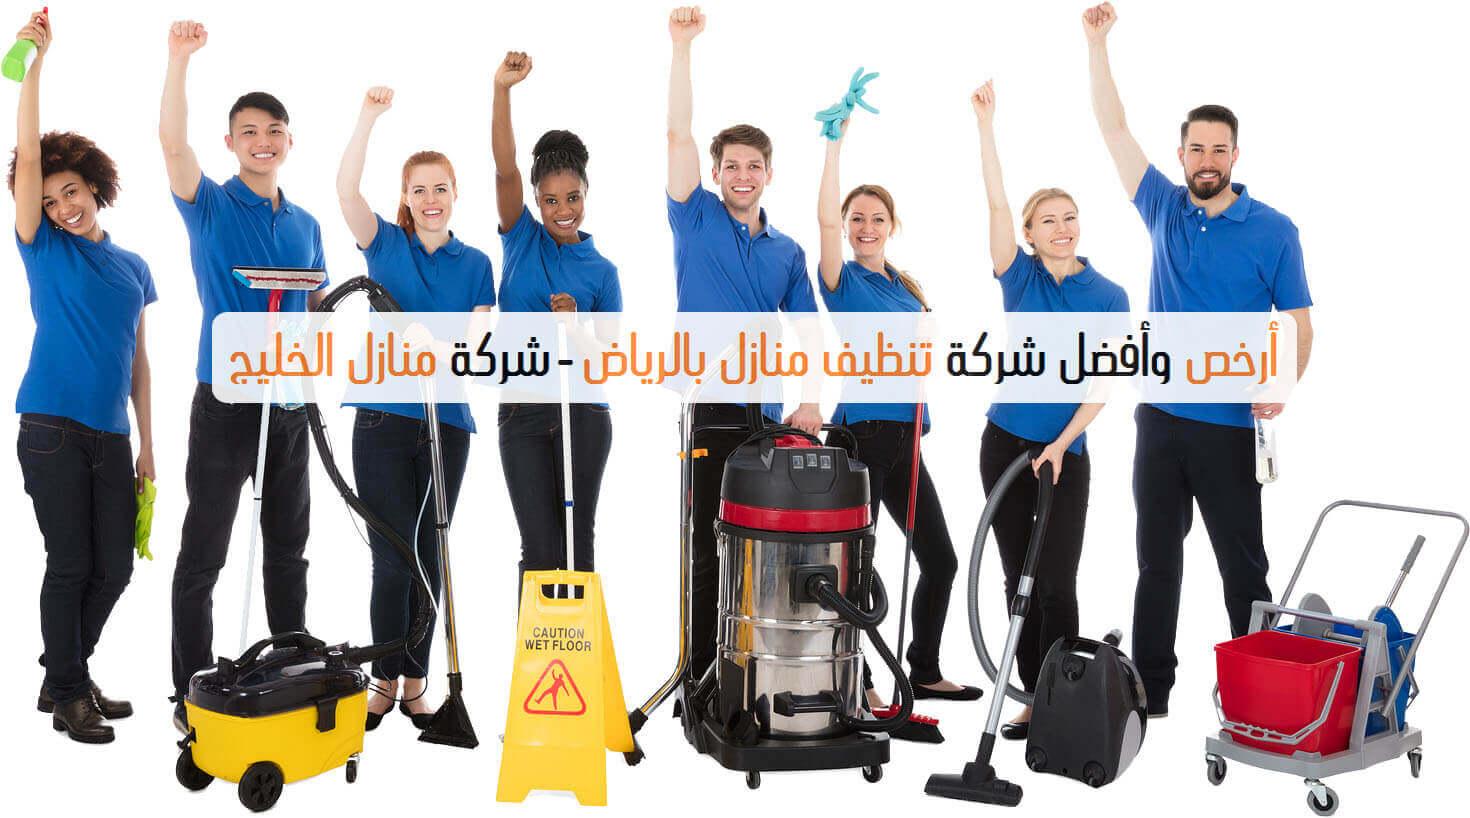 خدمات منازل الخليج بالرياض